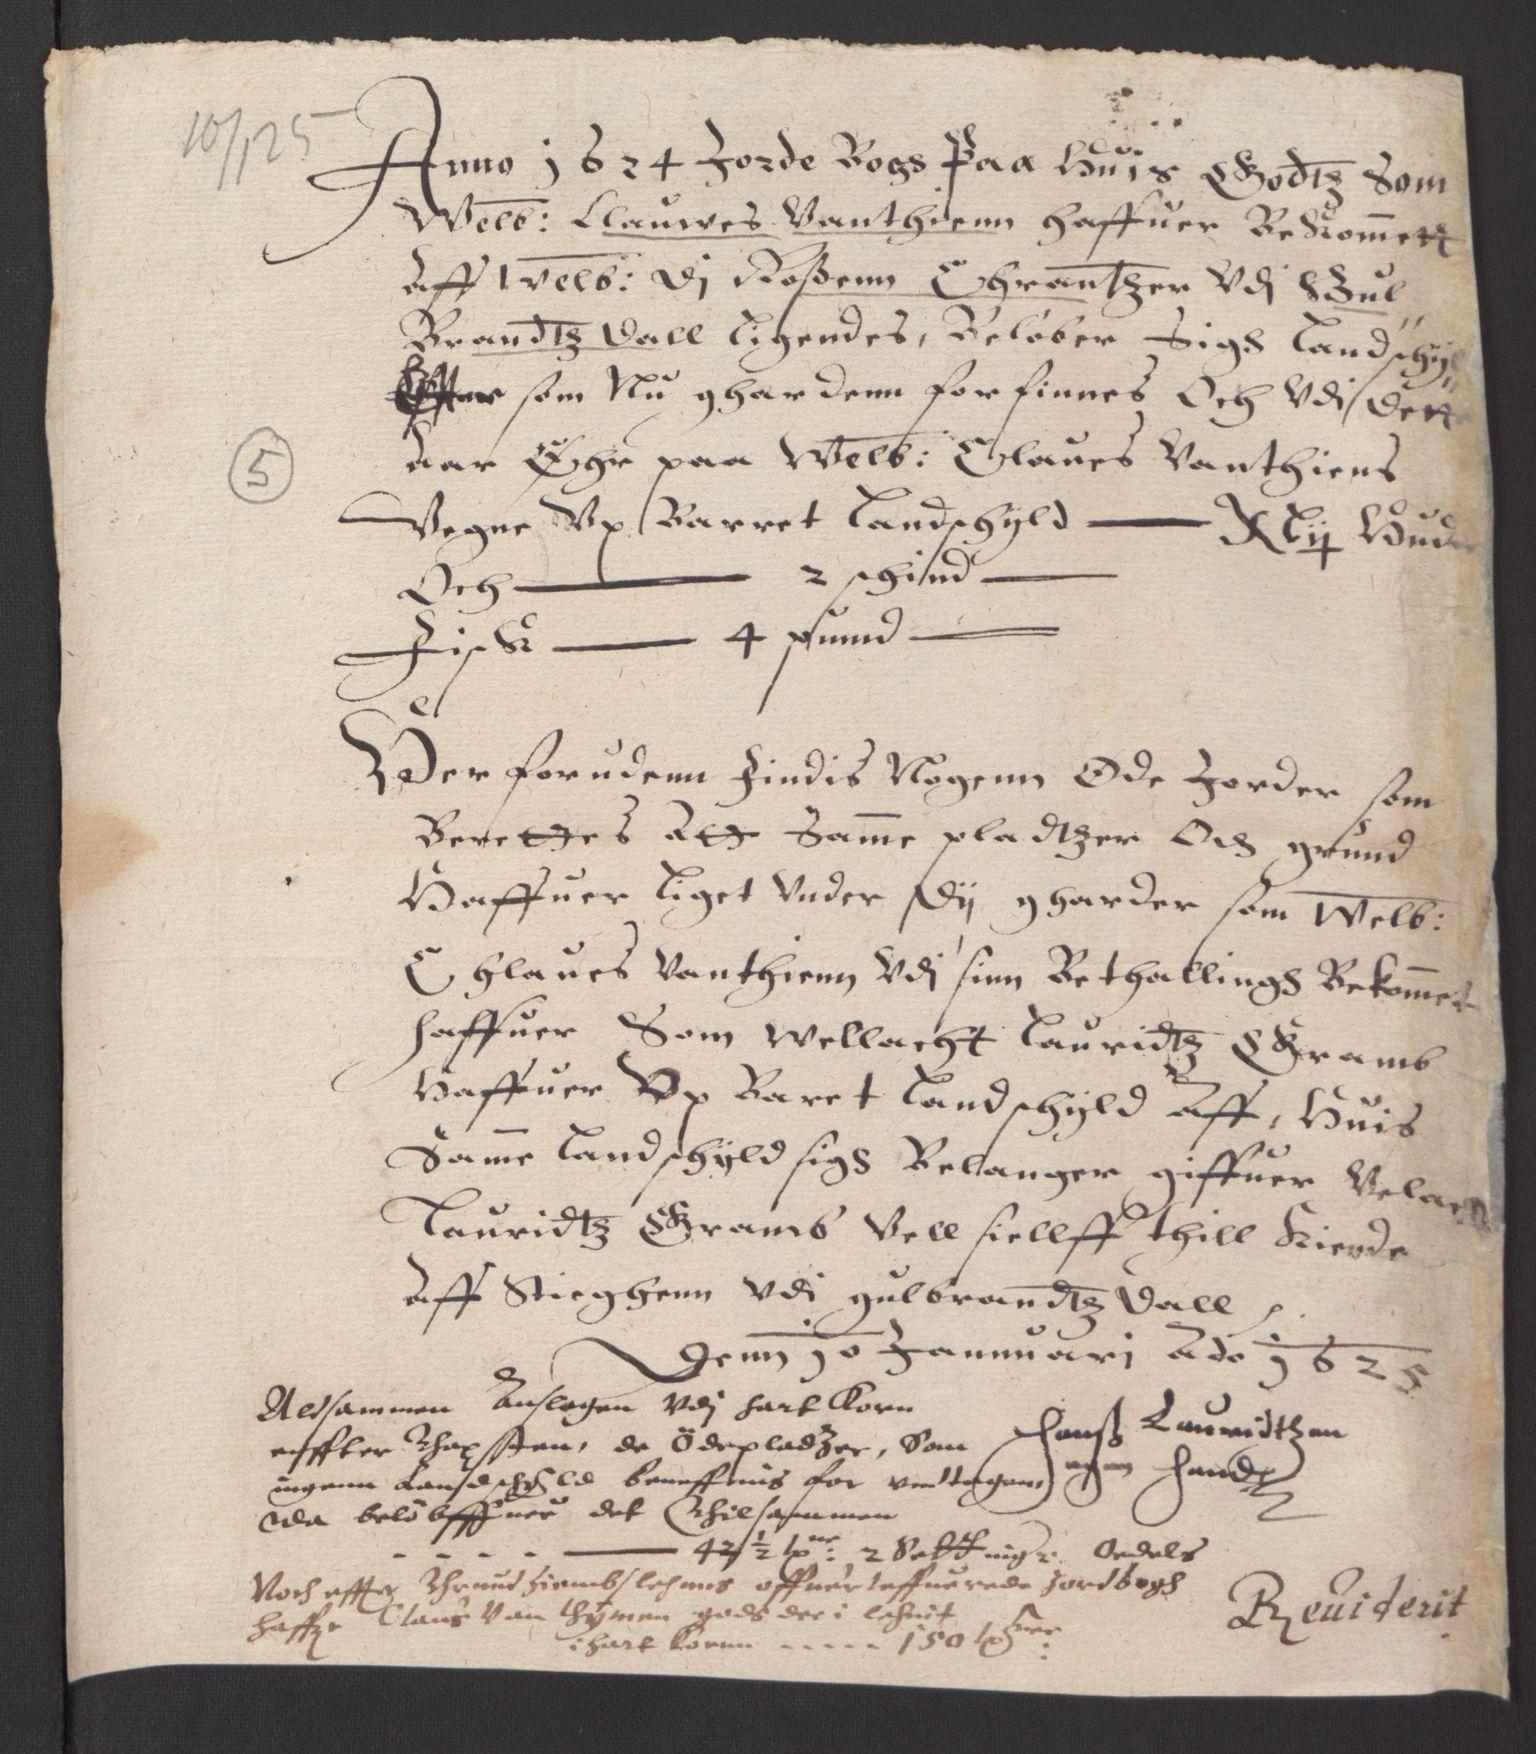 RA, Stattholderembetet 1572-1771, Ek/L0007: Jordebøker til utlikning av rosstjeneste 1624-1626:, 1624-1625, s. 505